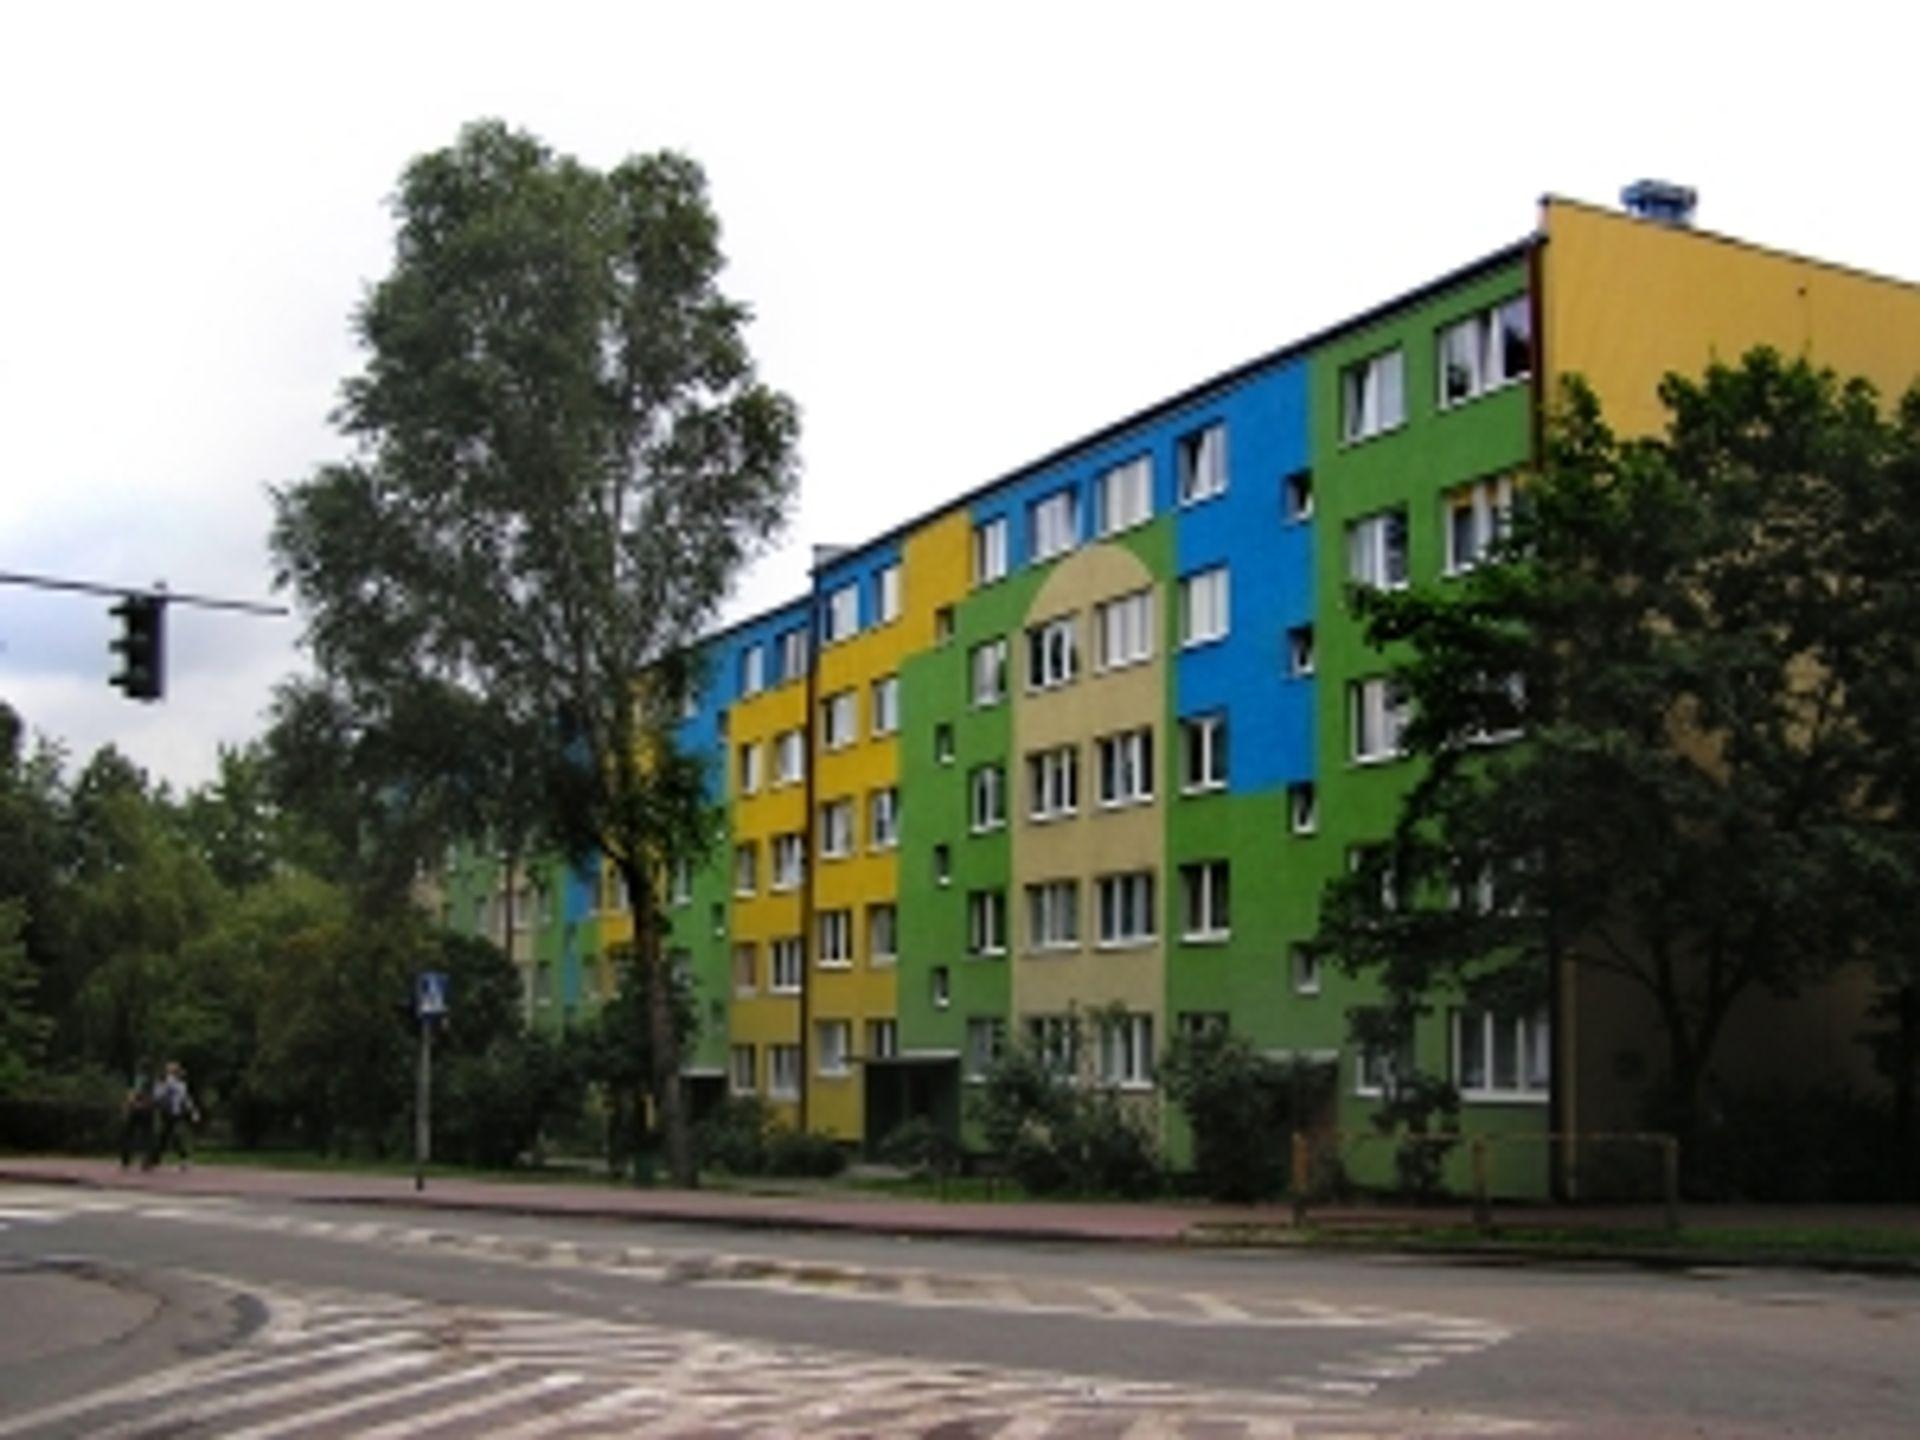 [śląskie] Zawiercie: Będą nowe mieszkania